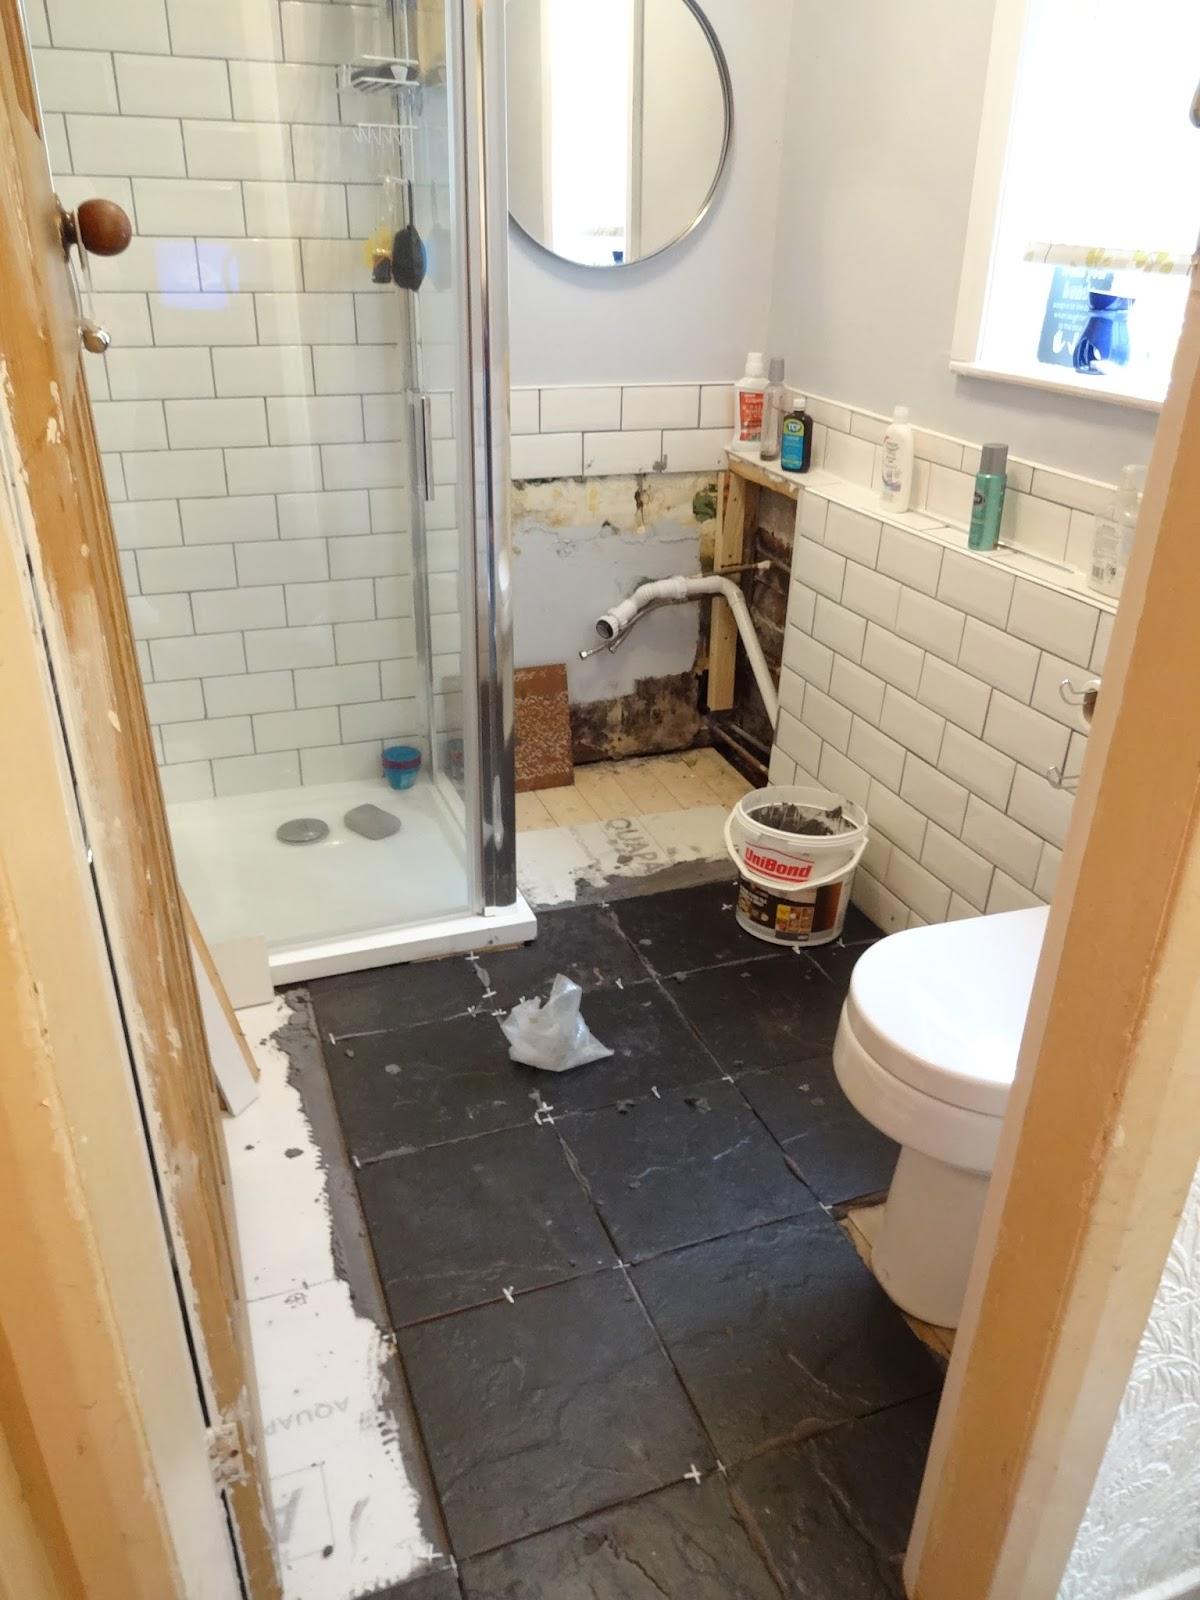 Tiling Floorboards In Bathroom Part 3